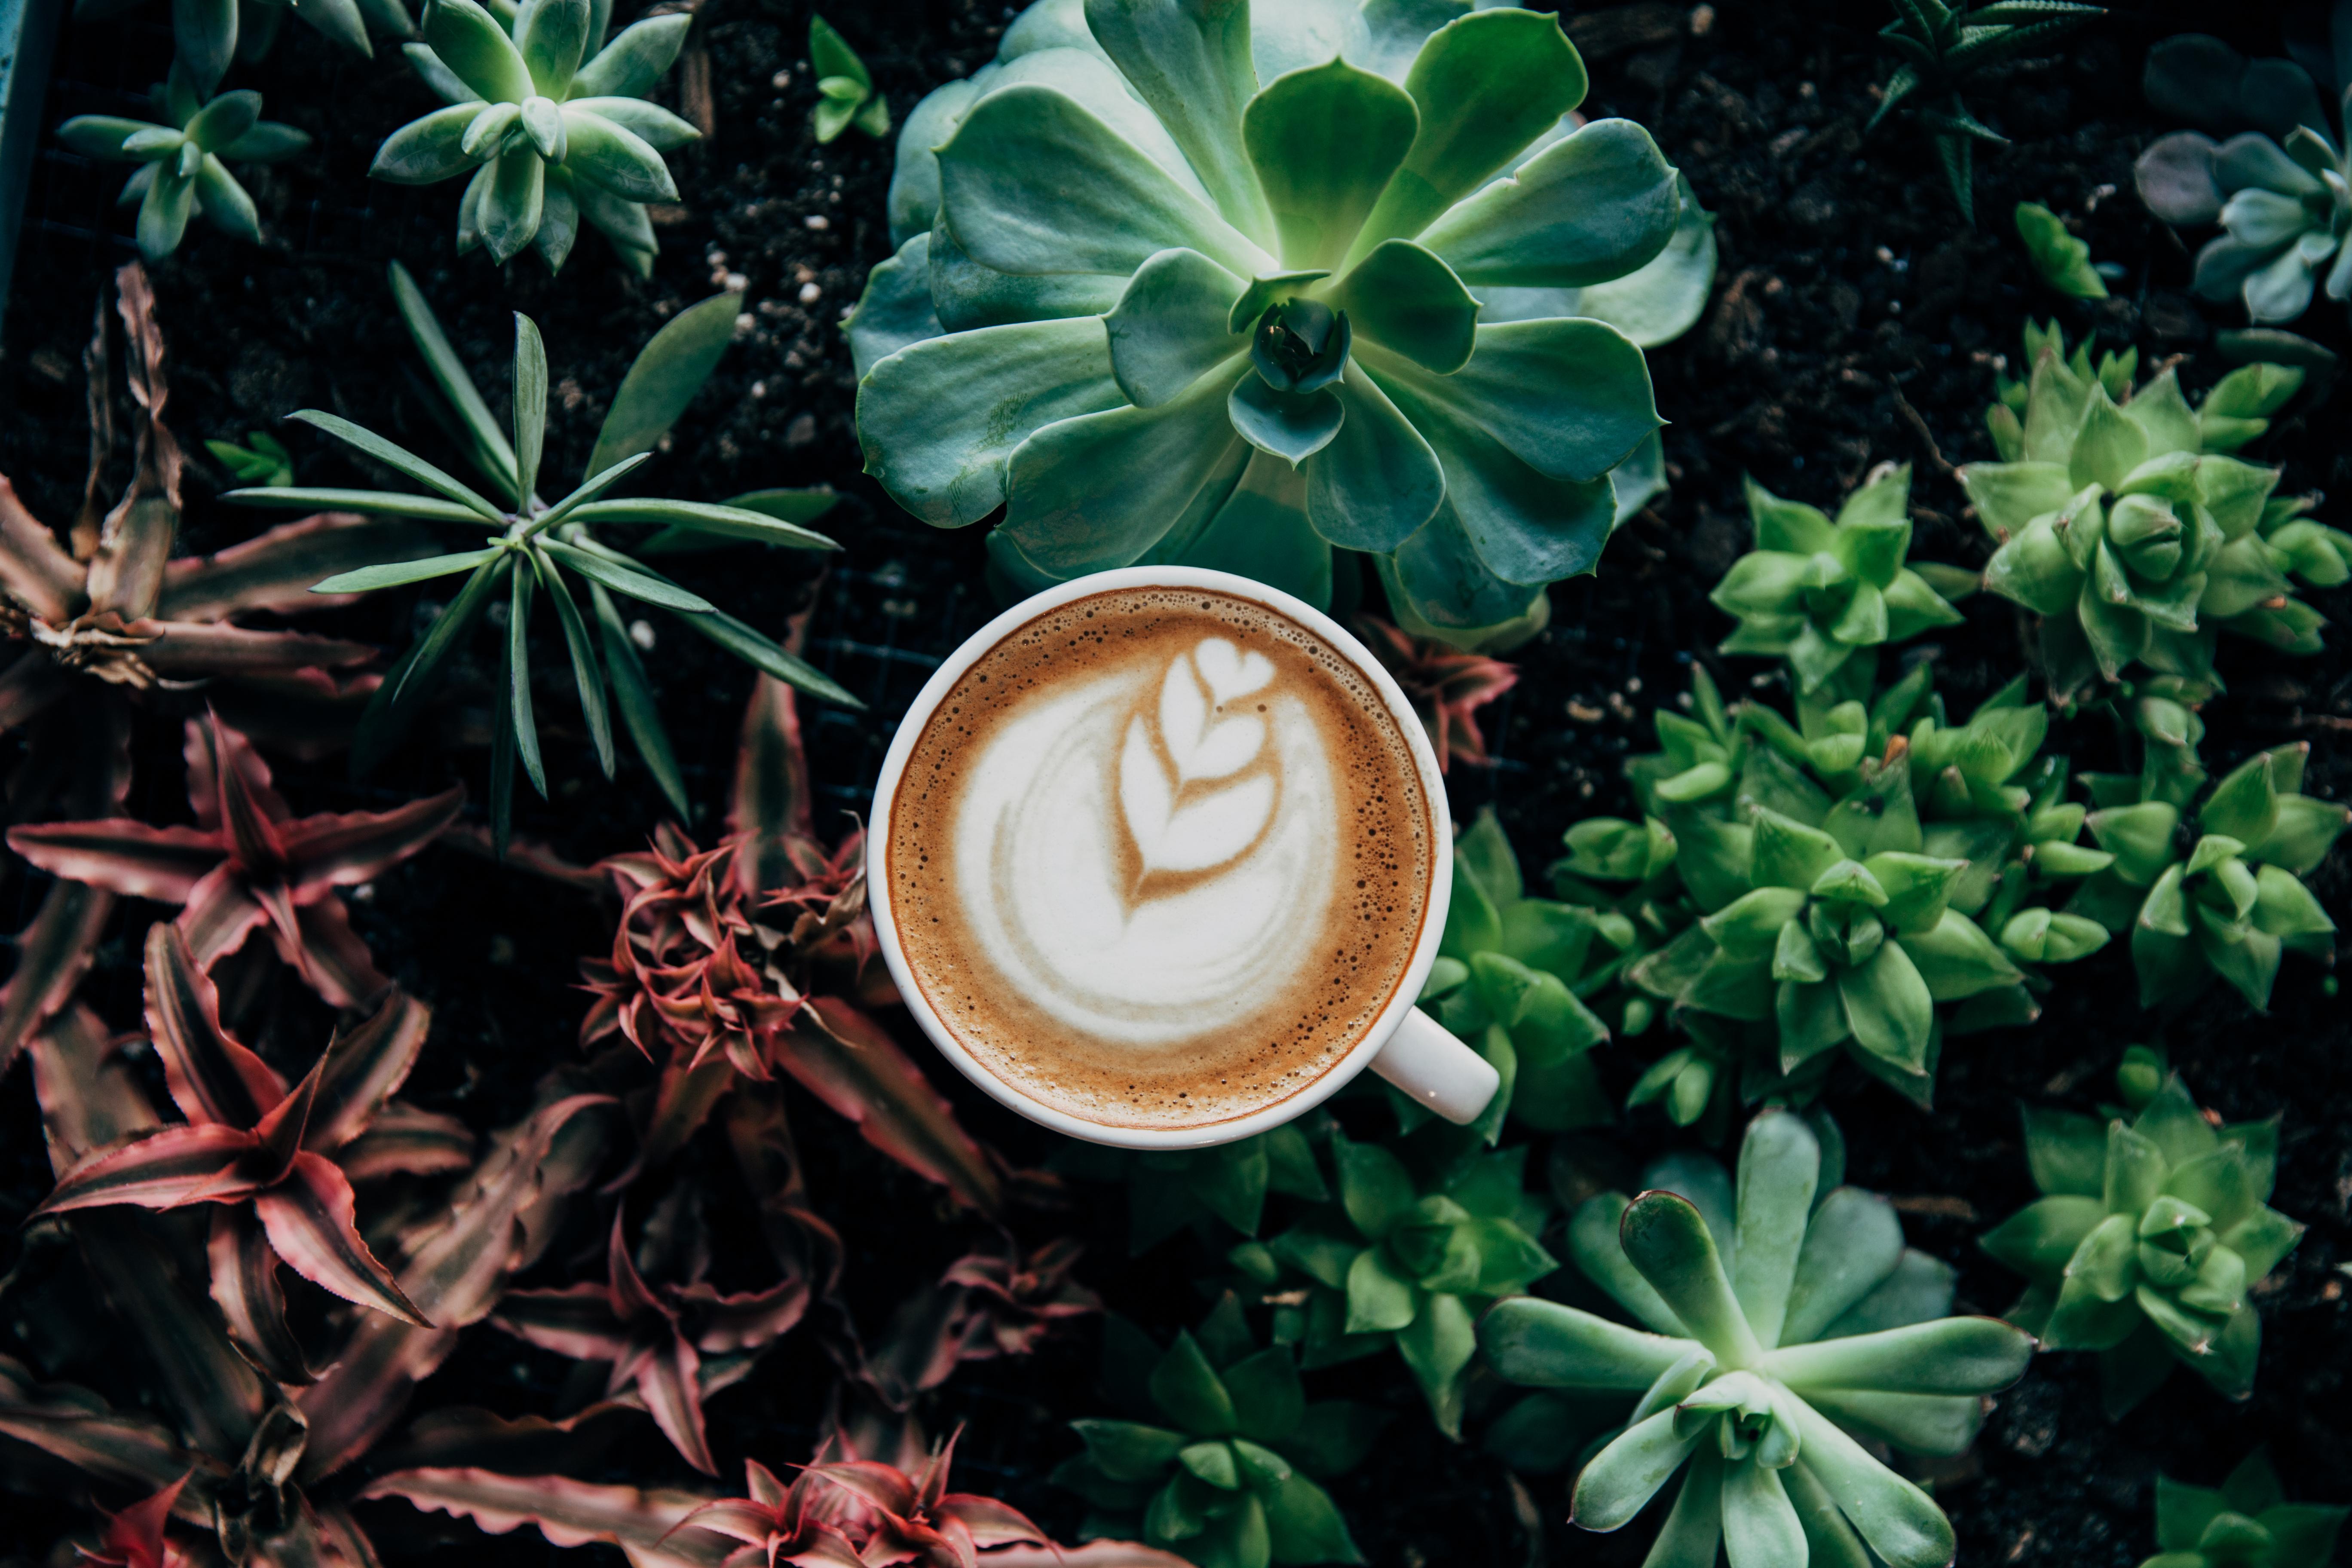 137802 скачать обои Еда, Кофе, Пенка, Растения - заставки и картинки бесплатно